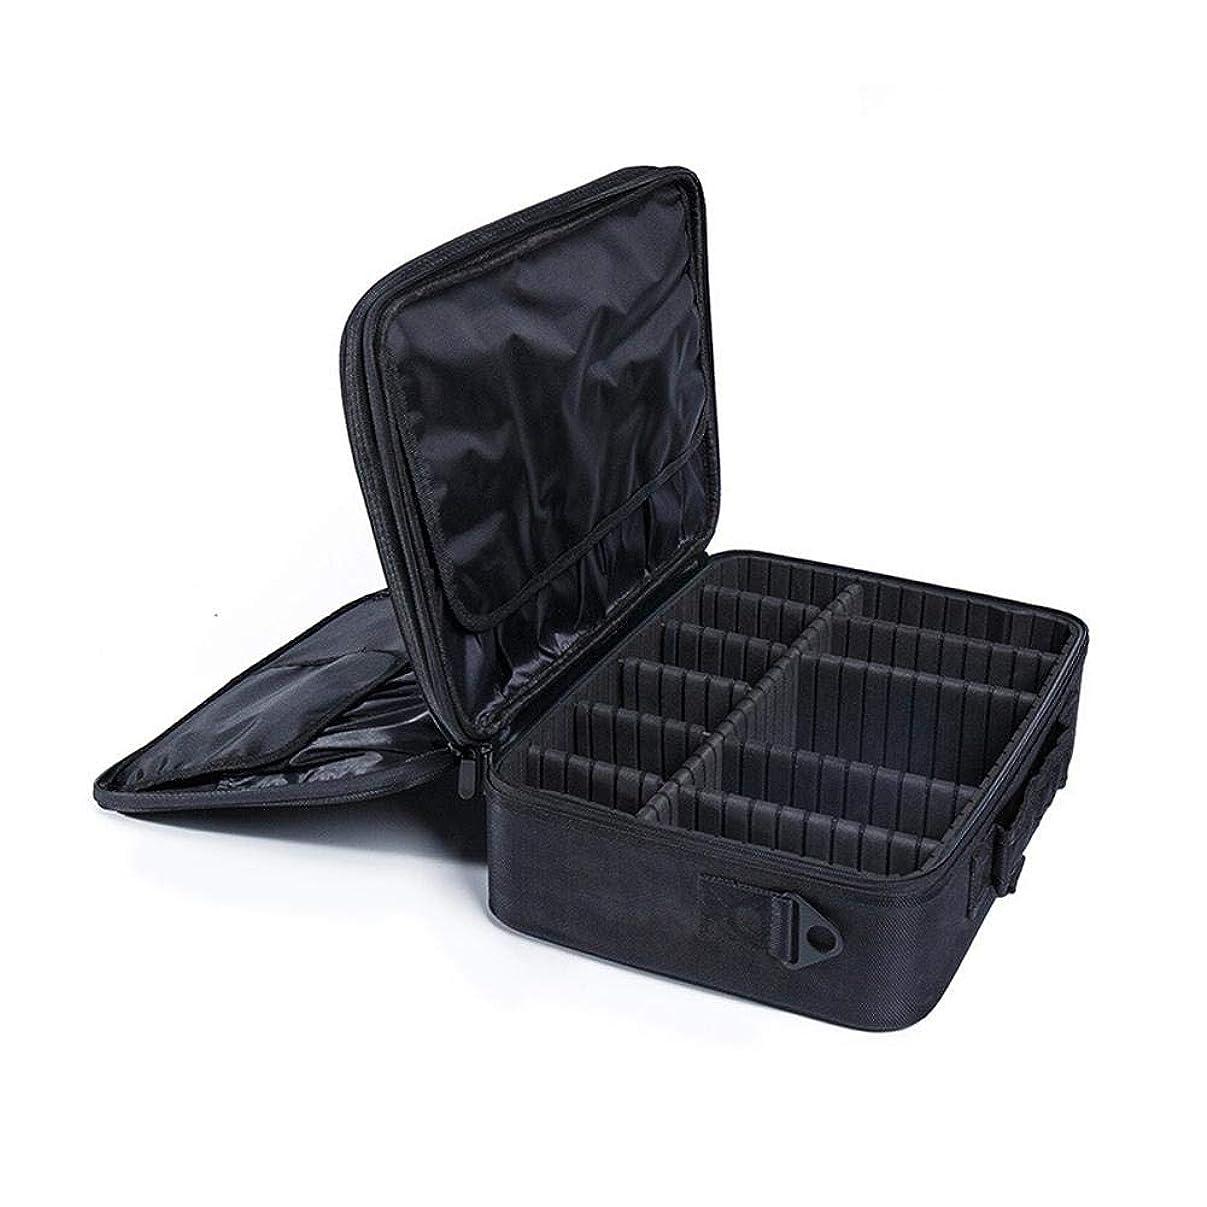 武器レジデンスお風呂を持っている収納ボックス プロのタトゥーマニキュア収納ツールボックス大型化粧品ケース収納ボックスポータブルメイクトレインケースメイクアップバッグオーガナイザー 高容量、優れたシール性、自由な組み合わせ、耐摩耗性、内部レイアウトの調整、高級オックスフォードクロス素材